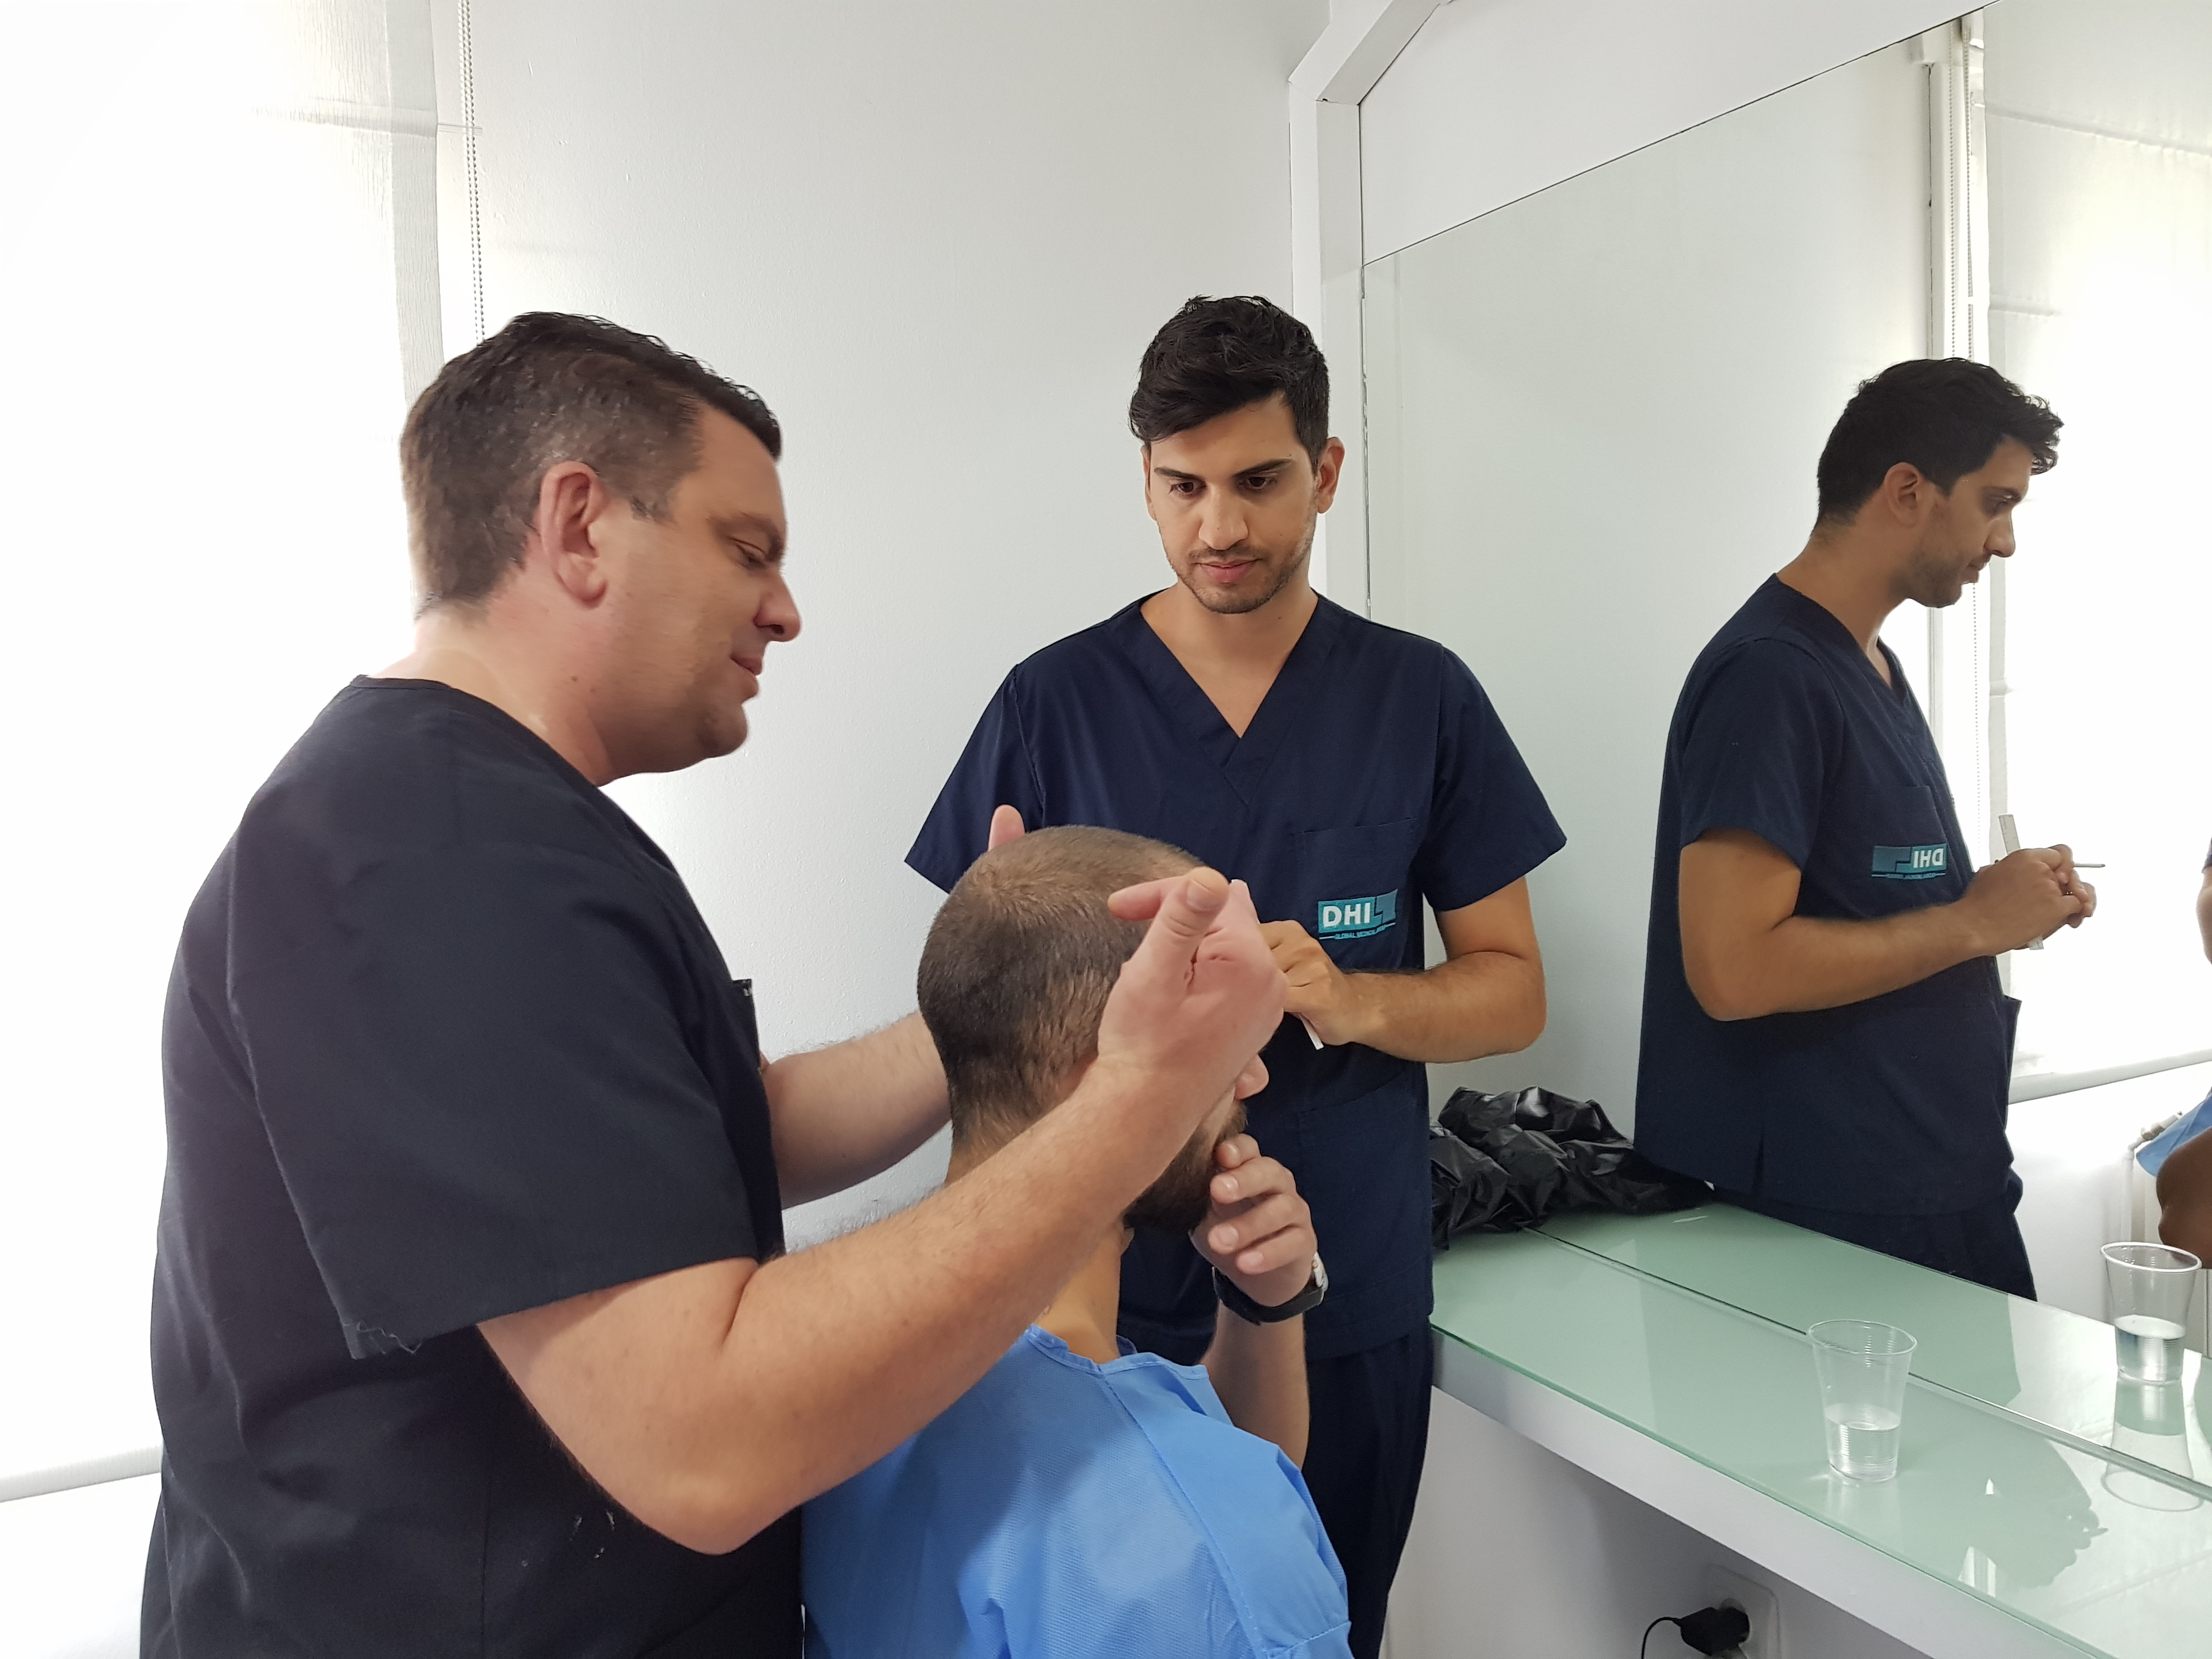 Cum găsesc clinica potrivită pentru a-mi face transplantul de păr. Ghid de intervenţie